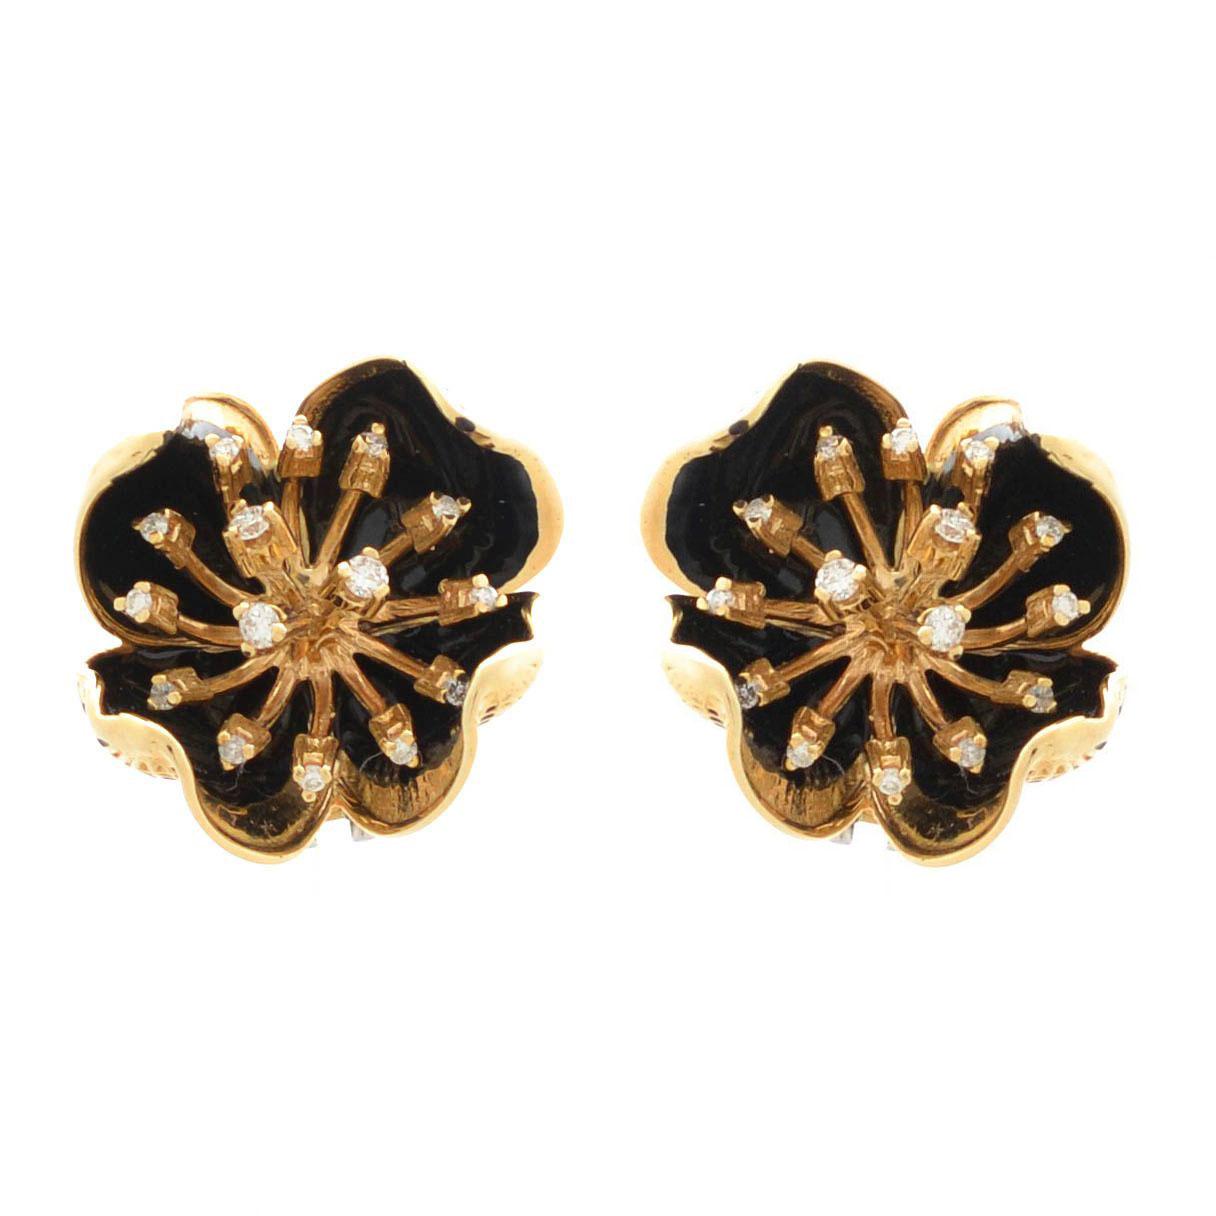 Серьги Roberto Bravo Gallica золотые в виде цветов с 30 бриллиантами